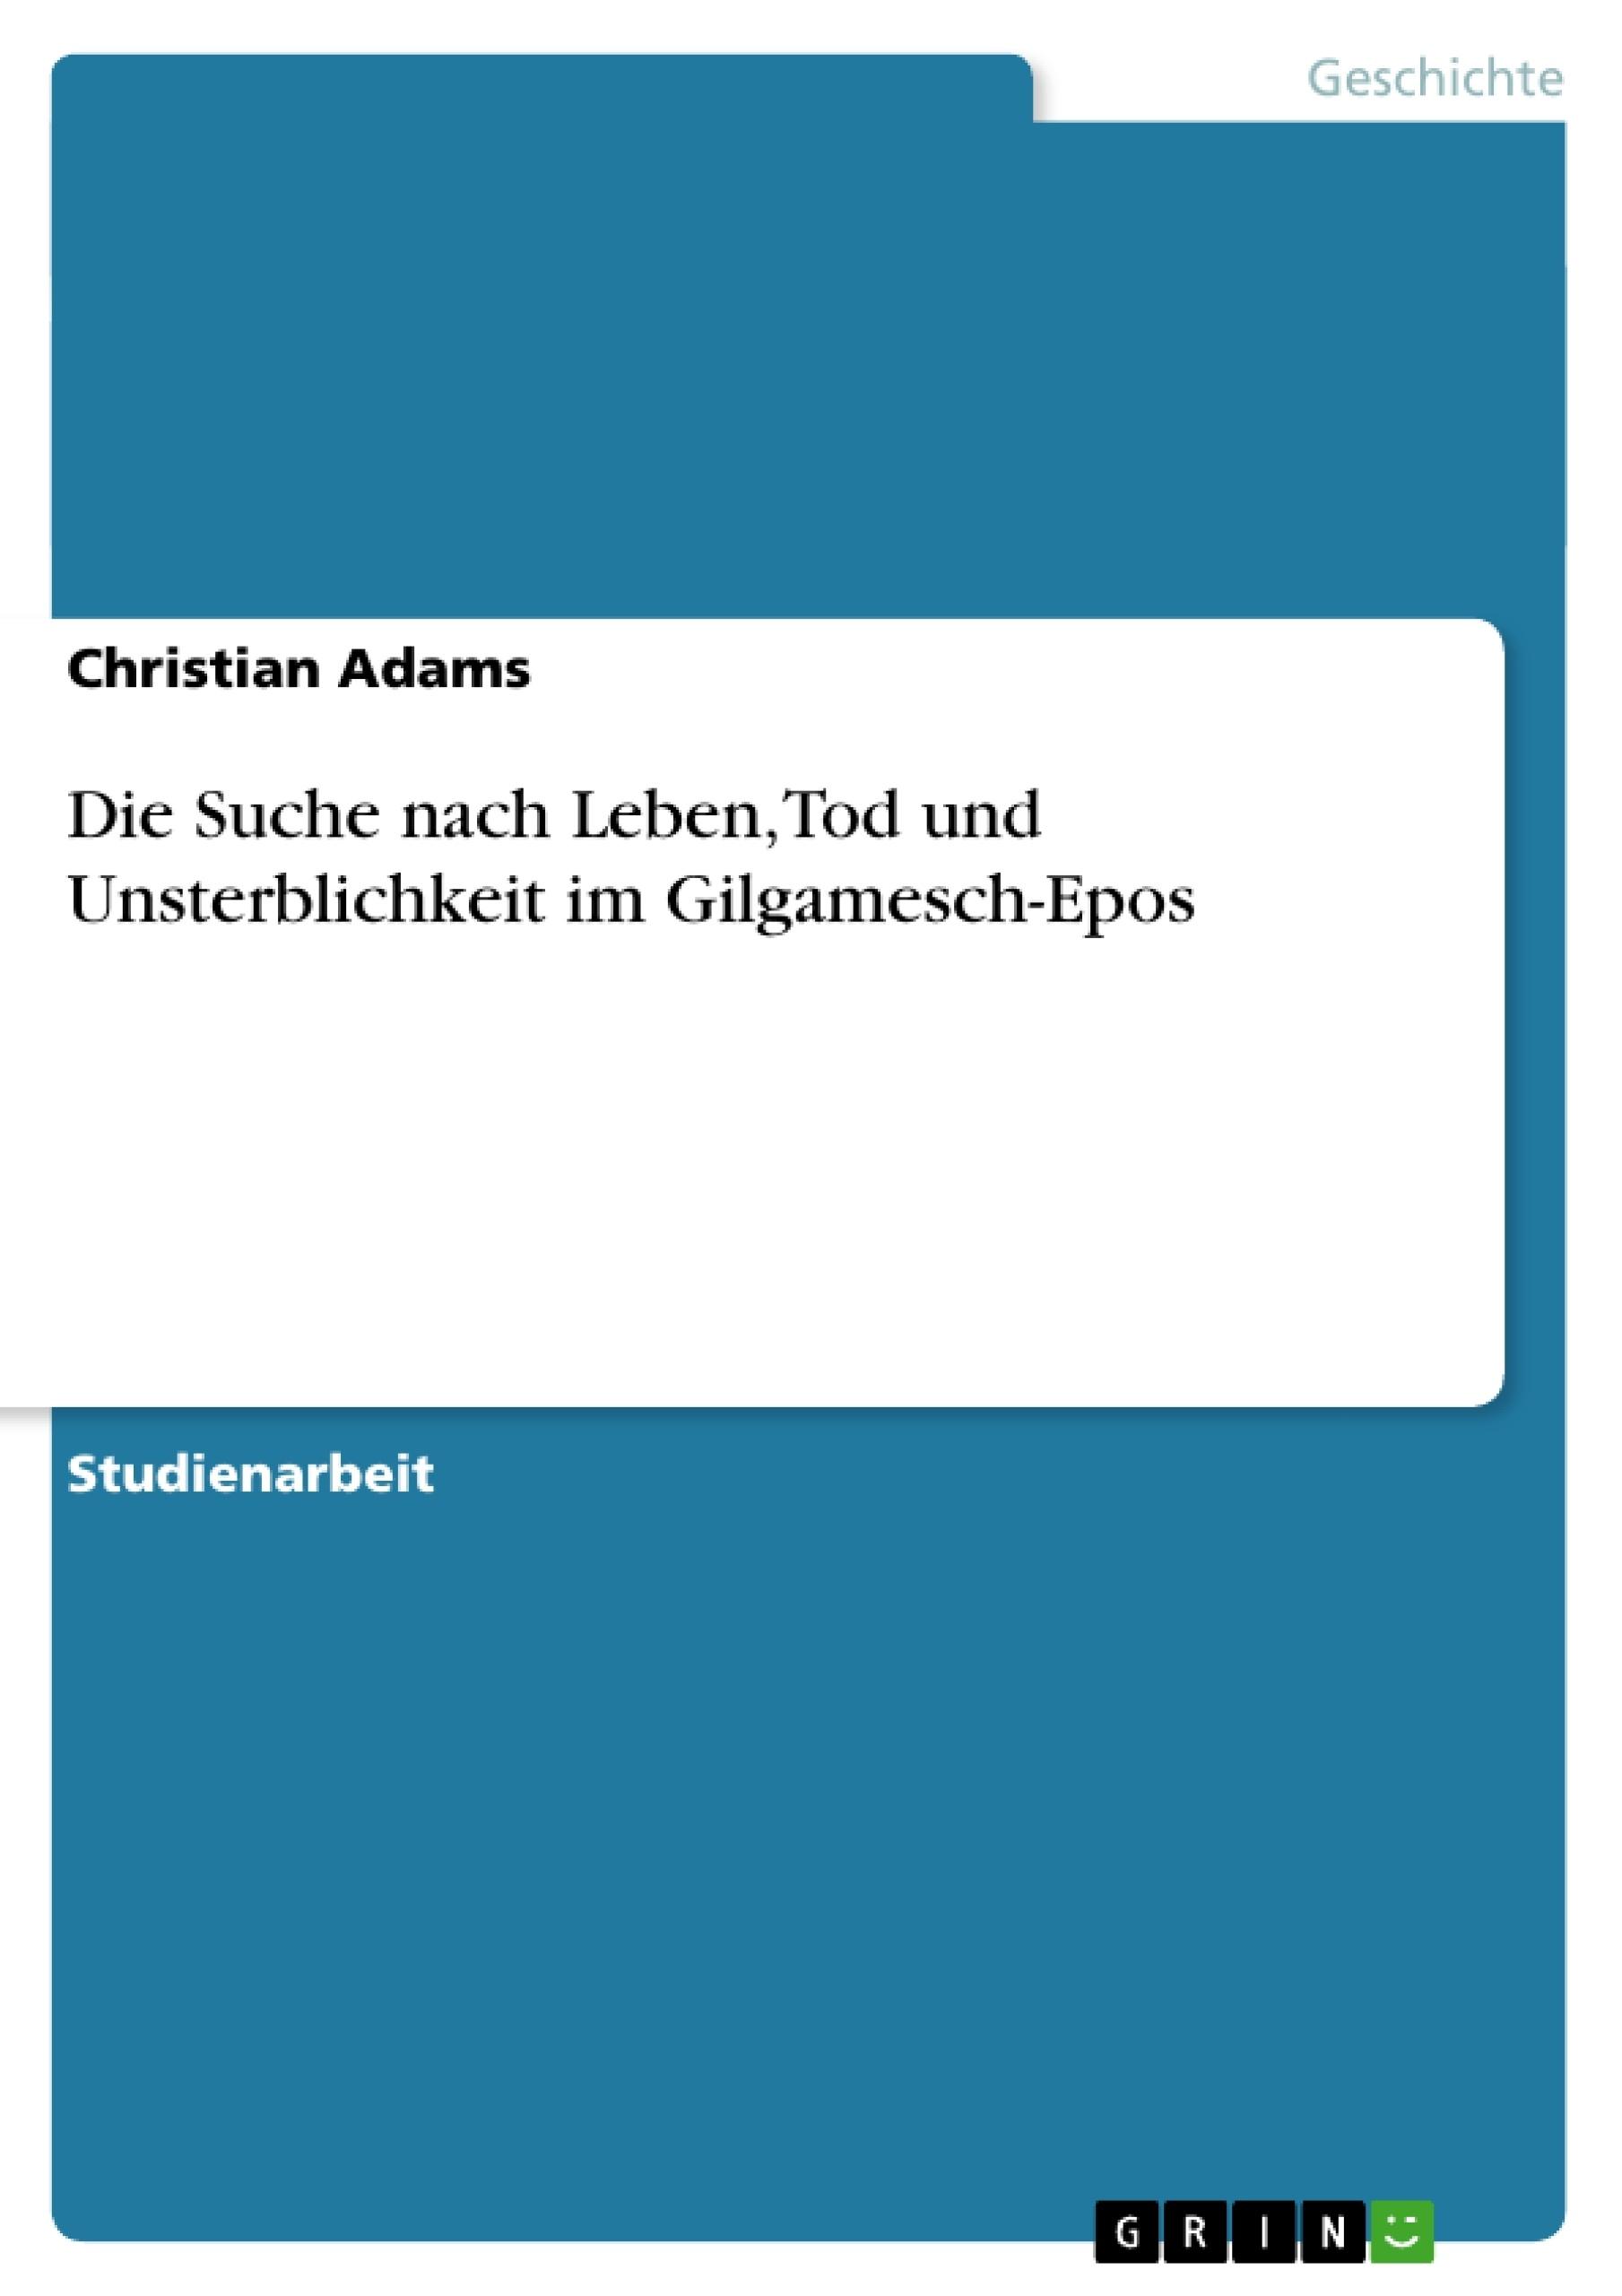 Titel: Die Suche nach Leben, Tod und Unsterblichkeit im Gilgamesch-Epos